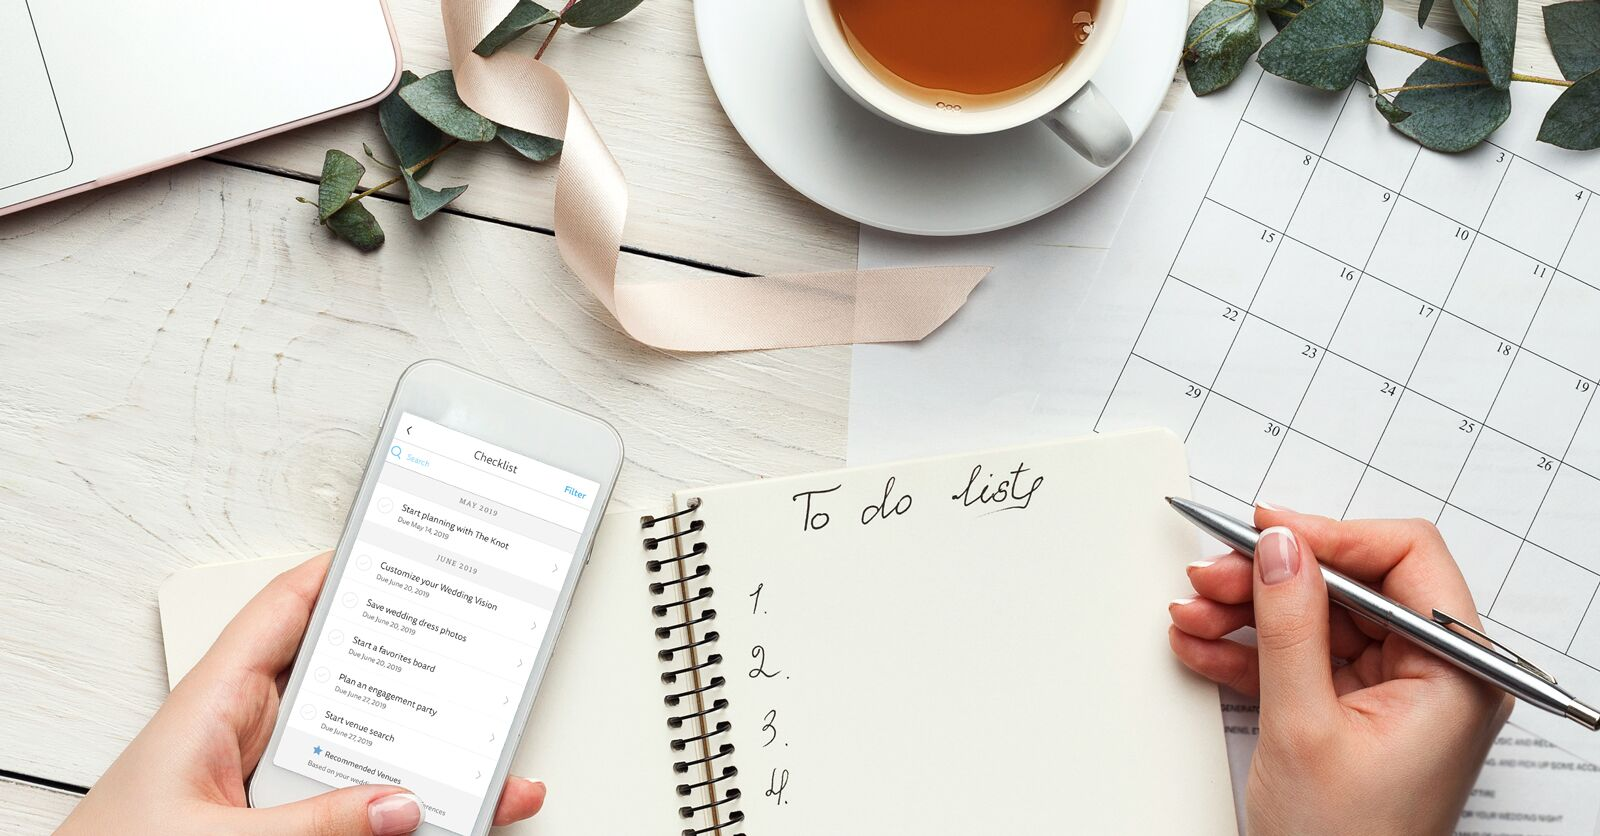 12 month wedding calendar for wedding planning planning checklist